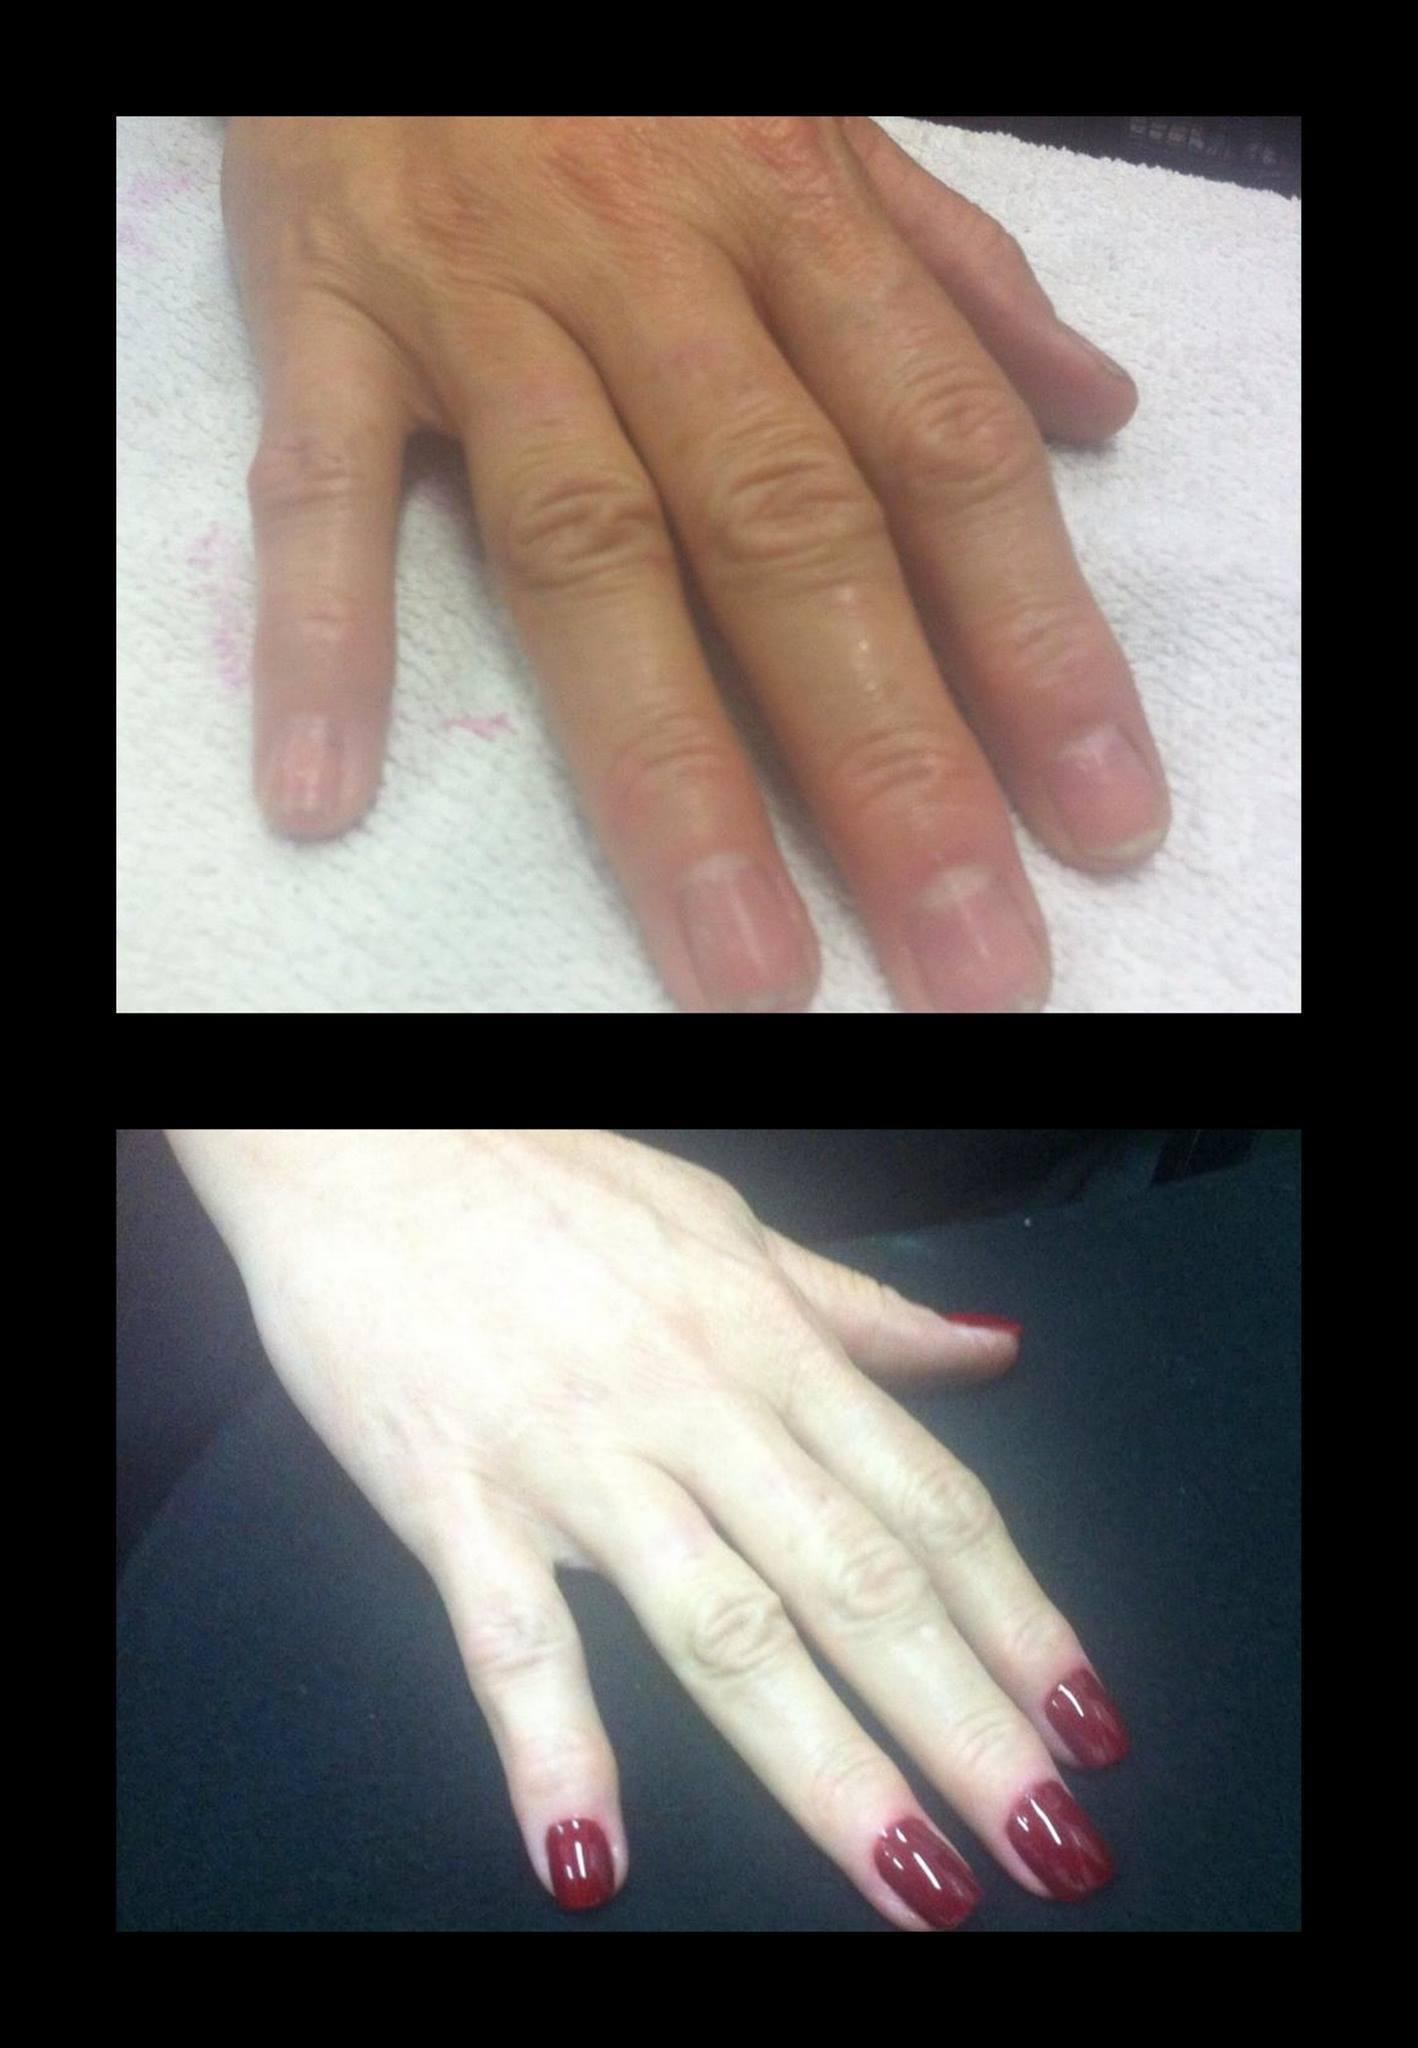 UNHA POSTIÇA manicure e pedicure designer de sobrancelhas